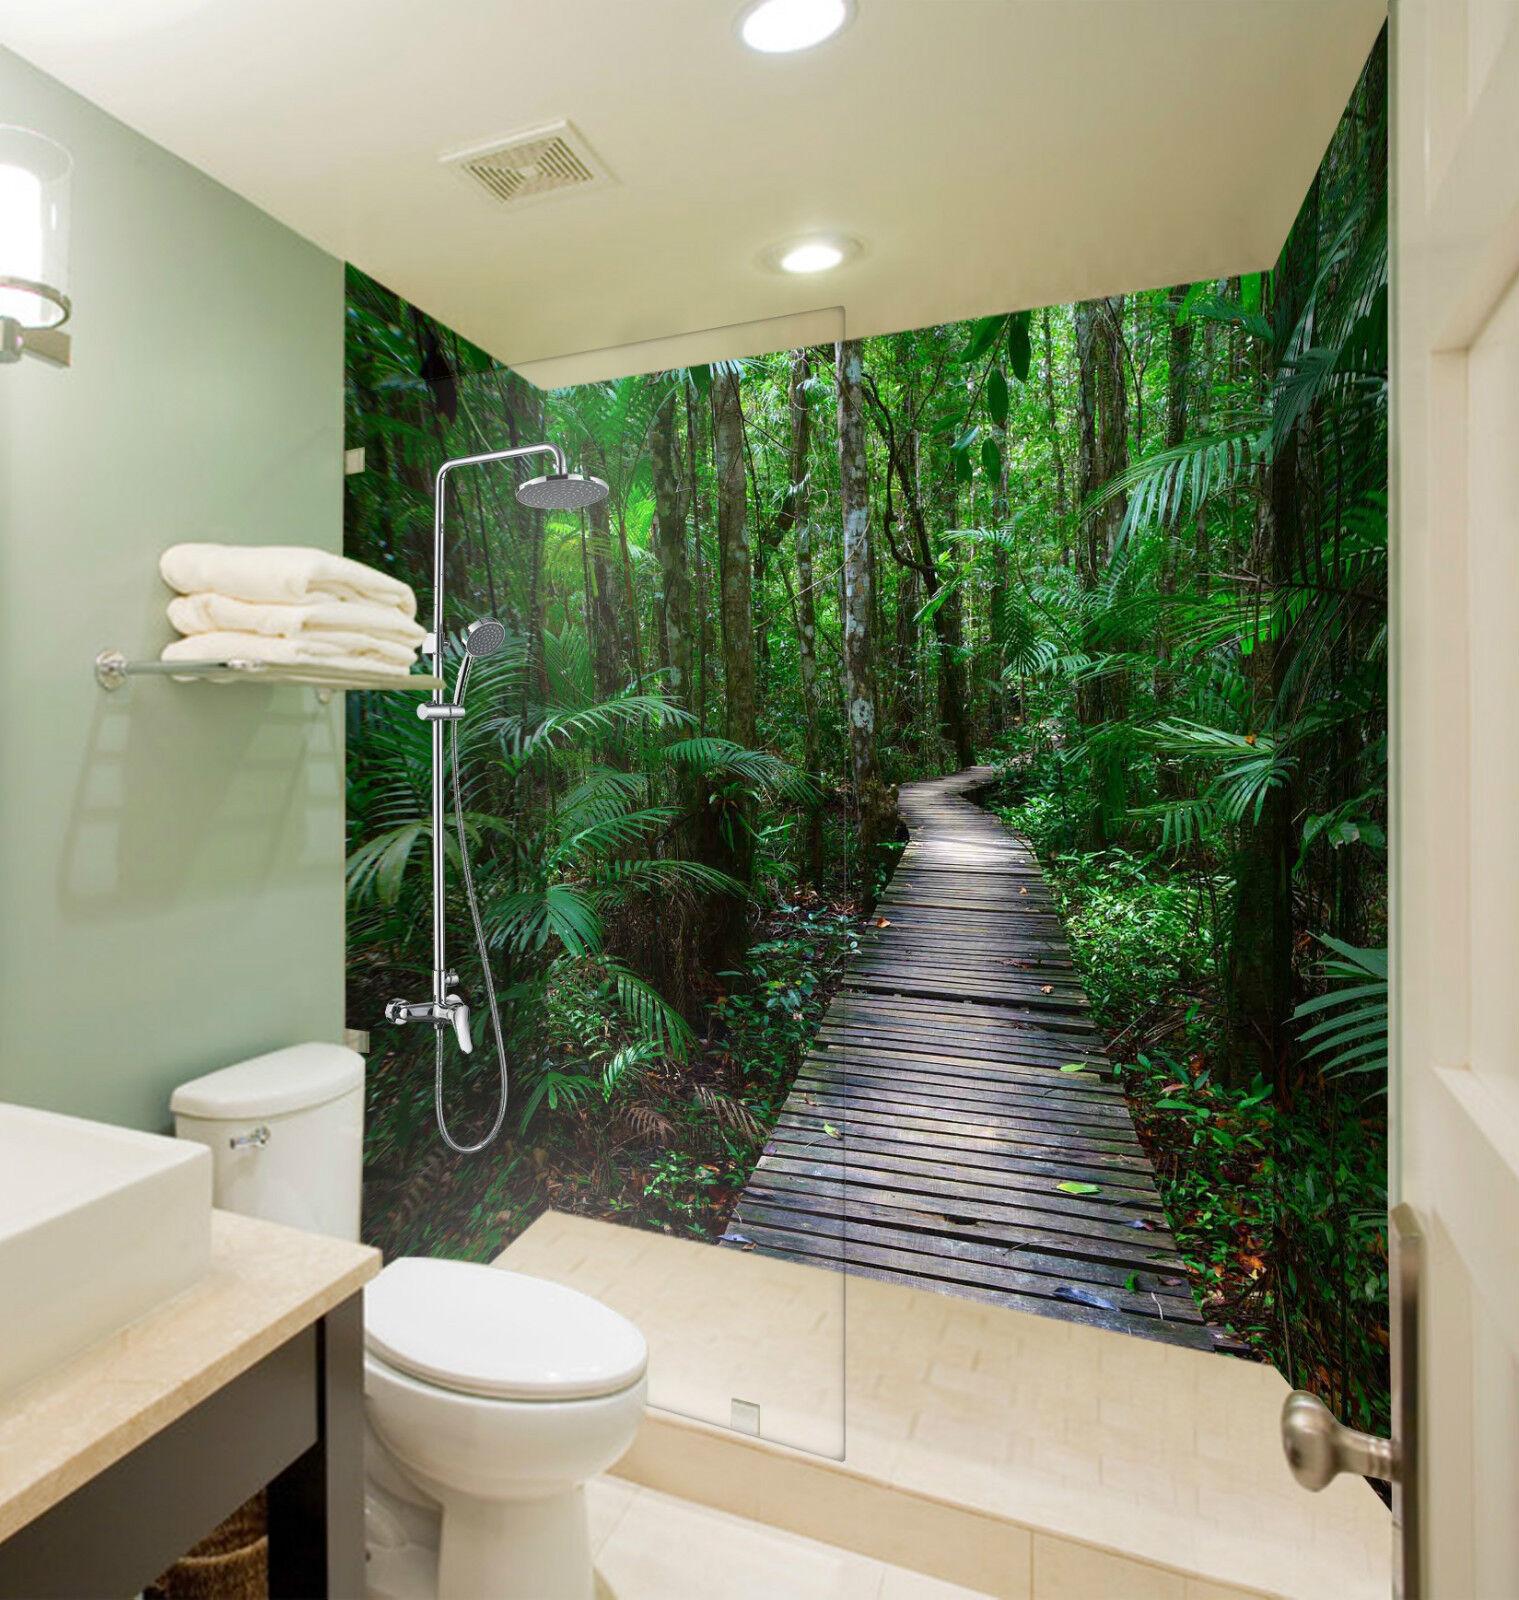 3D Forest Wood Road 081 WallPaper Bathroom Print Decal Wall Deco AJ WALLPAPER CA